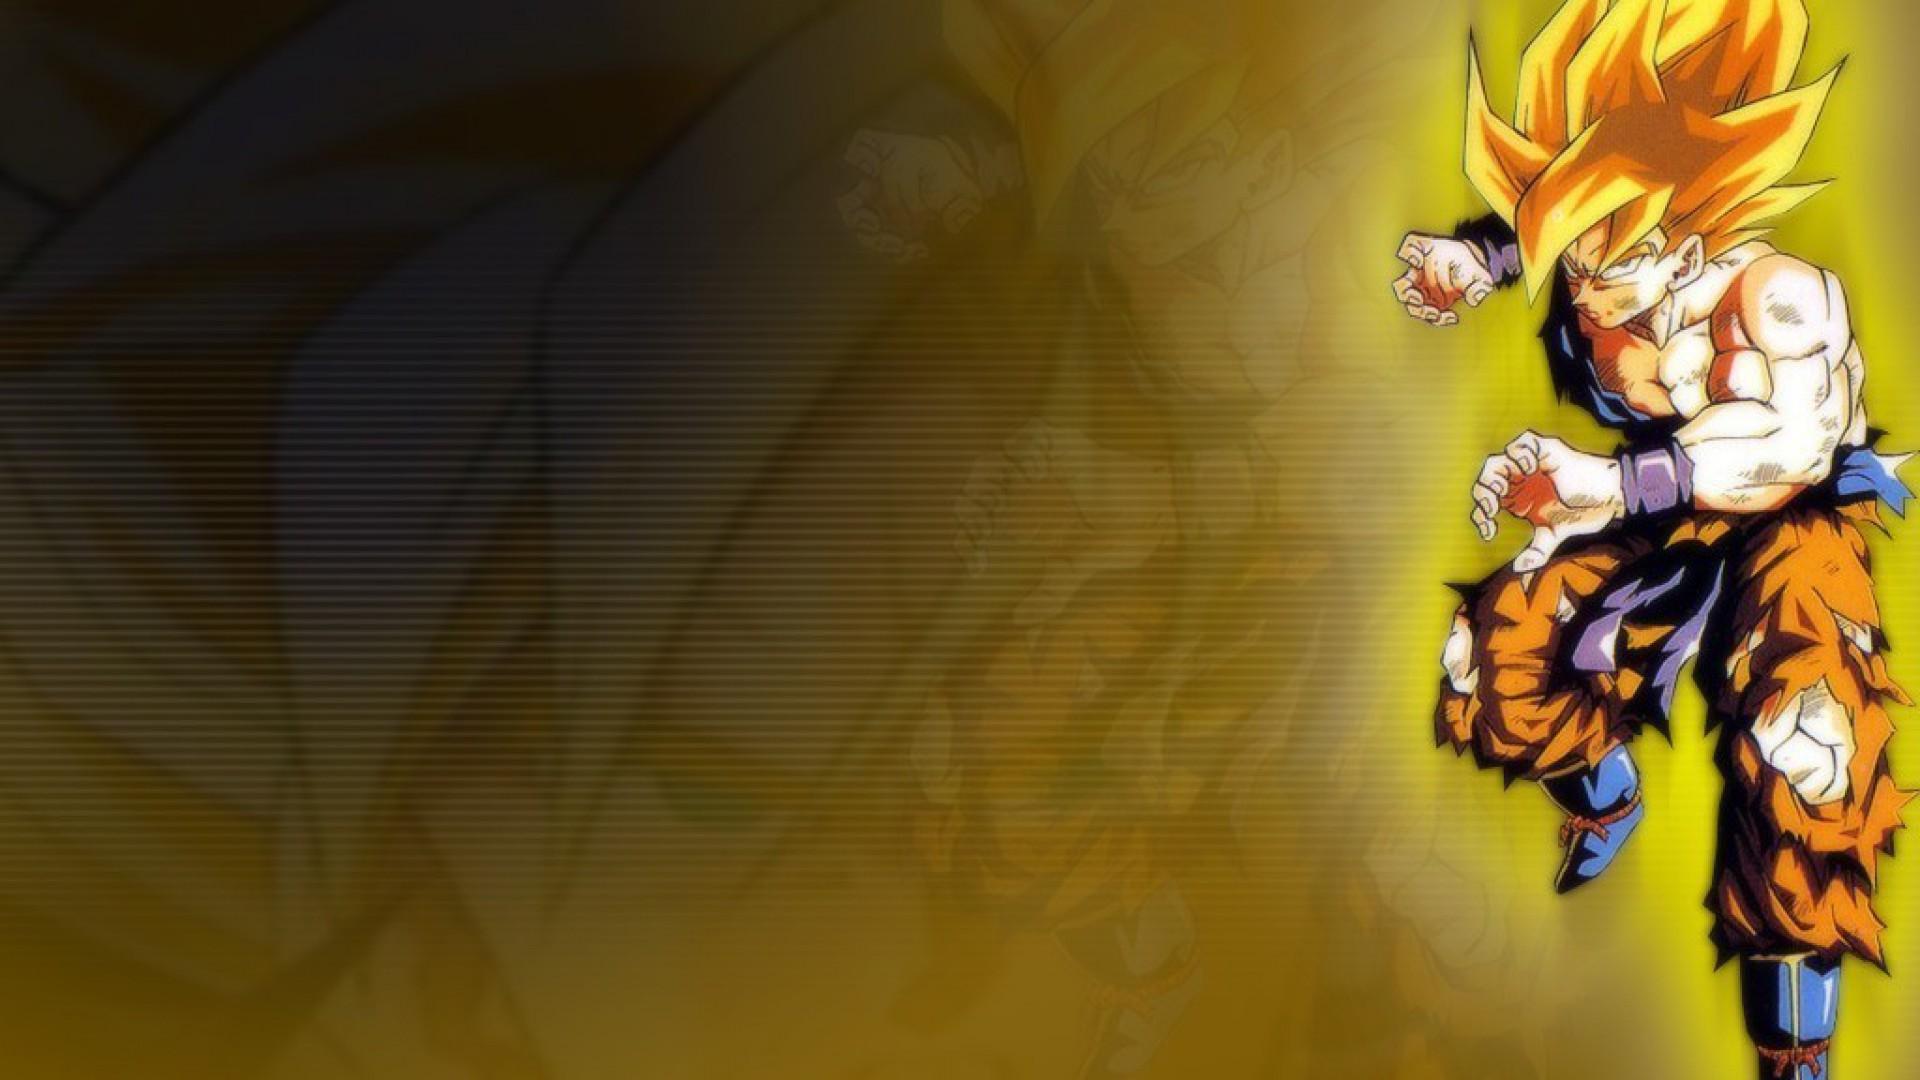 Dragon Ball Z wallpaper 20